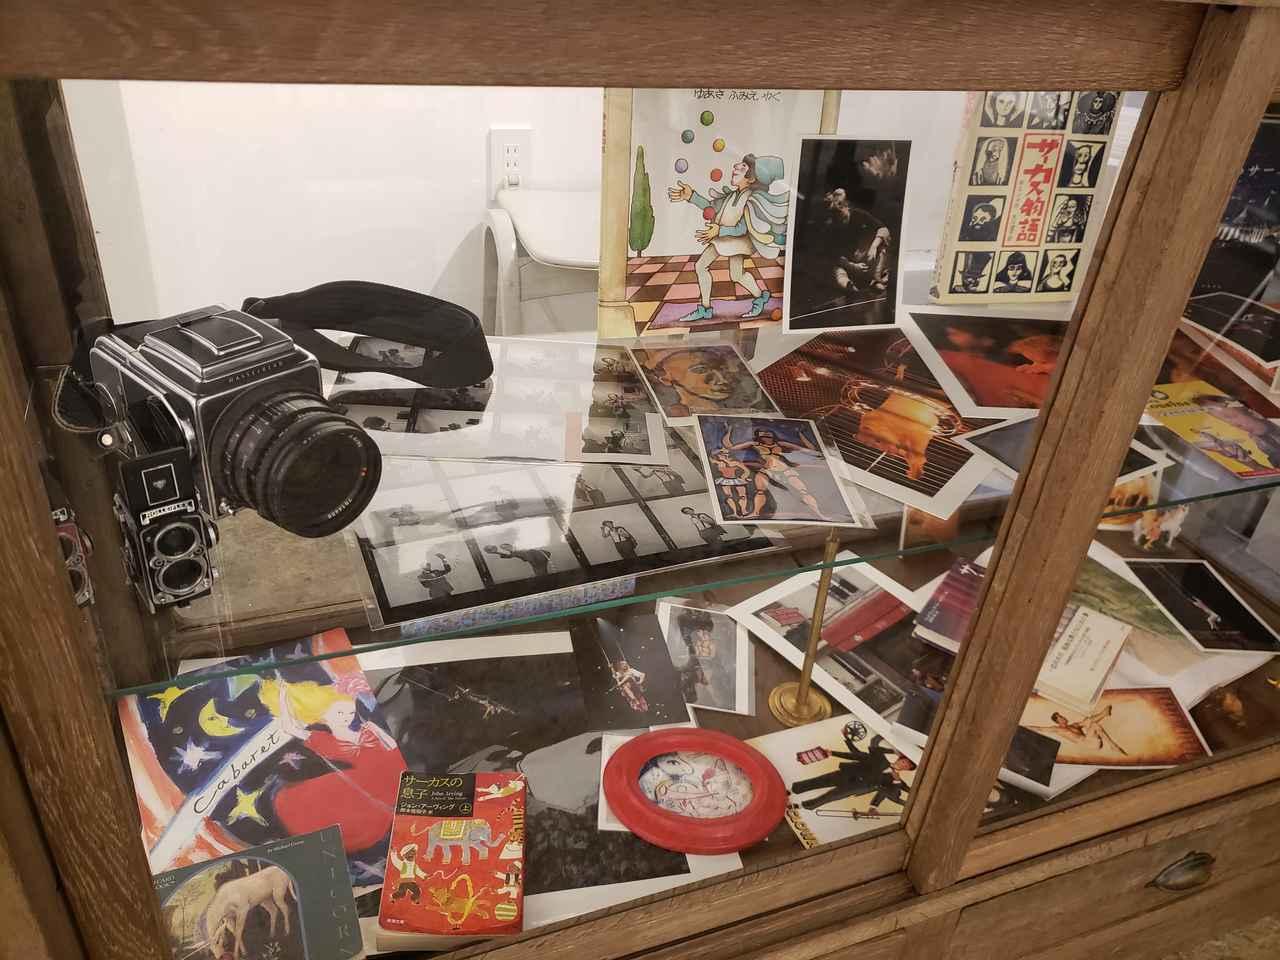 画像: 会場にある古いガラスの飾り棚には、串田さんが撮影に使用したハッセルブラッドやベタ焼きも。 串田さんが大切にされているサーカスを題材にした本や、ルオーやシャガールのポストカードなども一緒に展示されていて、小さな空間の中にもサーカスの幻想的な魅力がたくさん詰まっています。